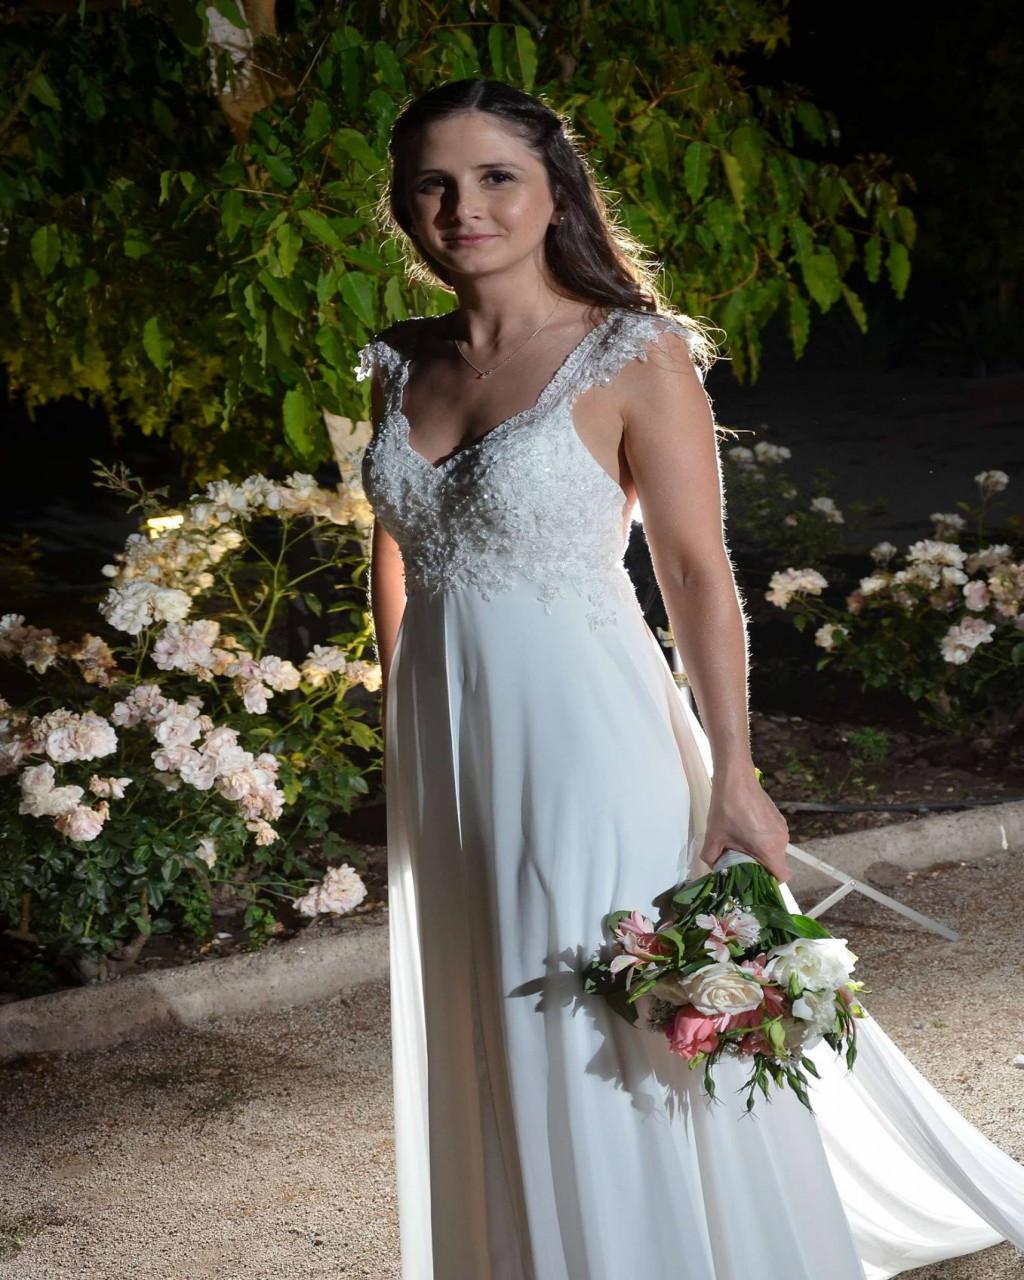 Vestido de novia usado chile festival albuquerque